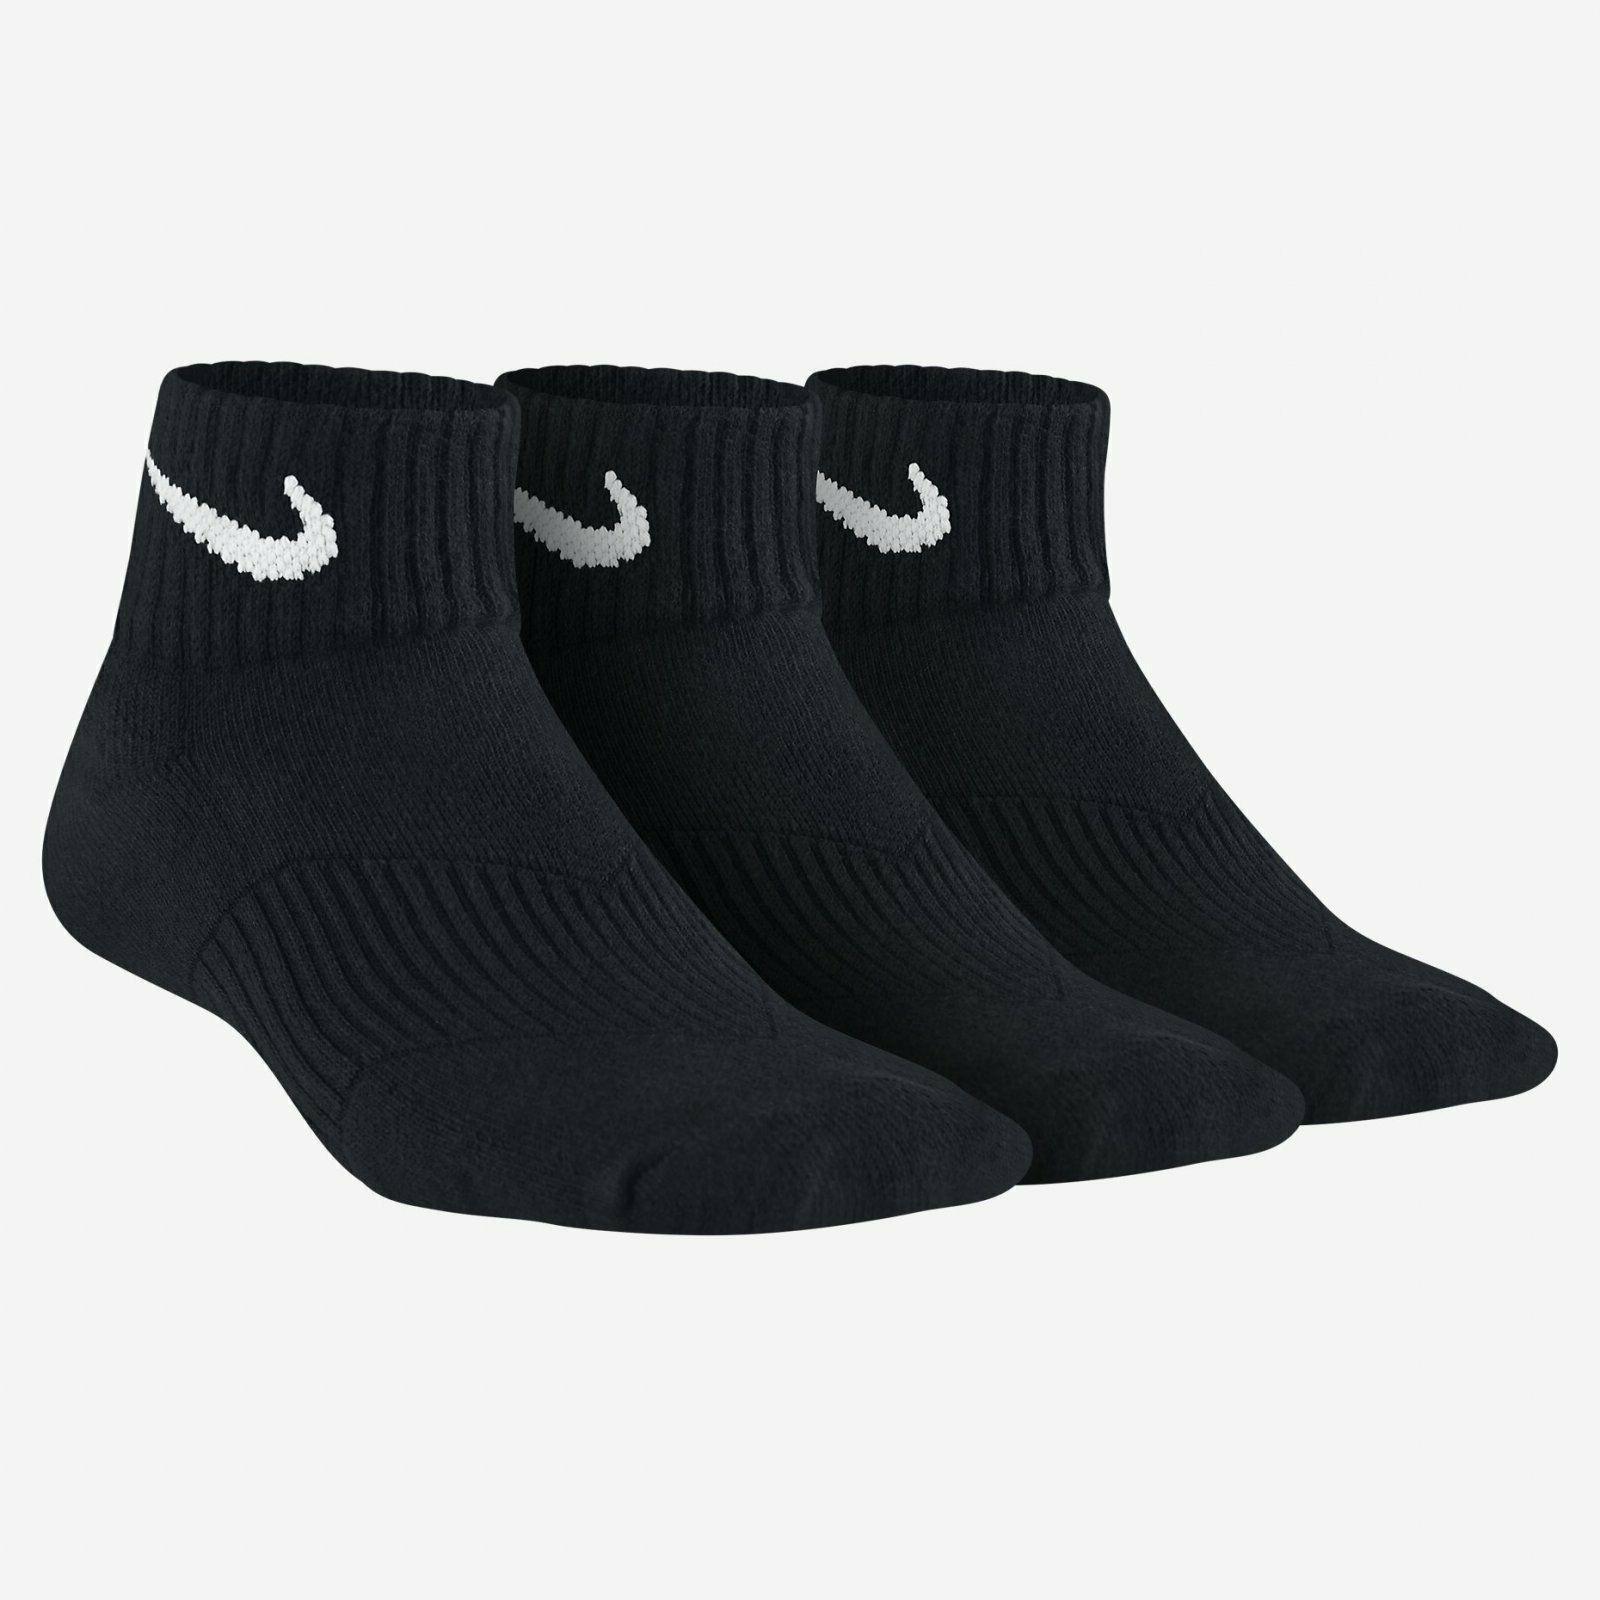 Nike 3 Pack Youth Quarter Socks